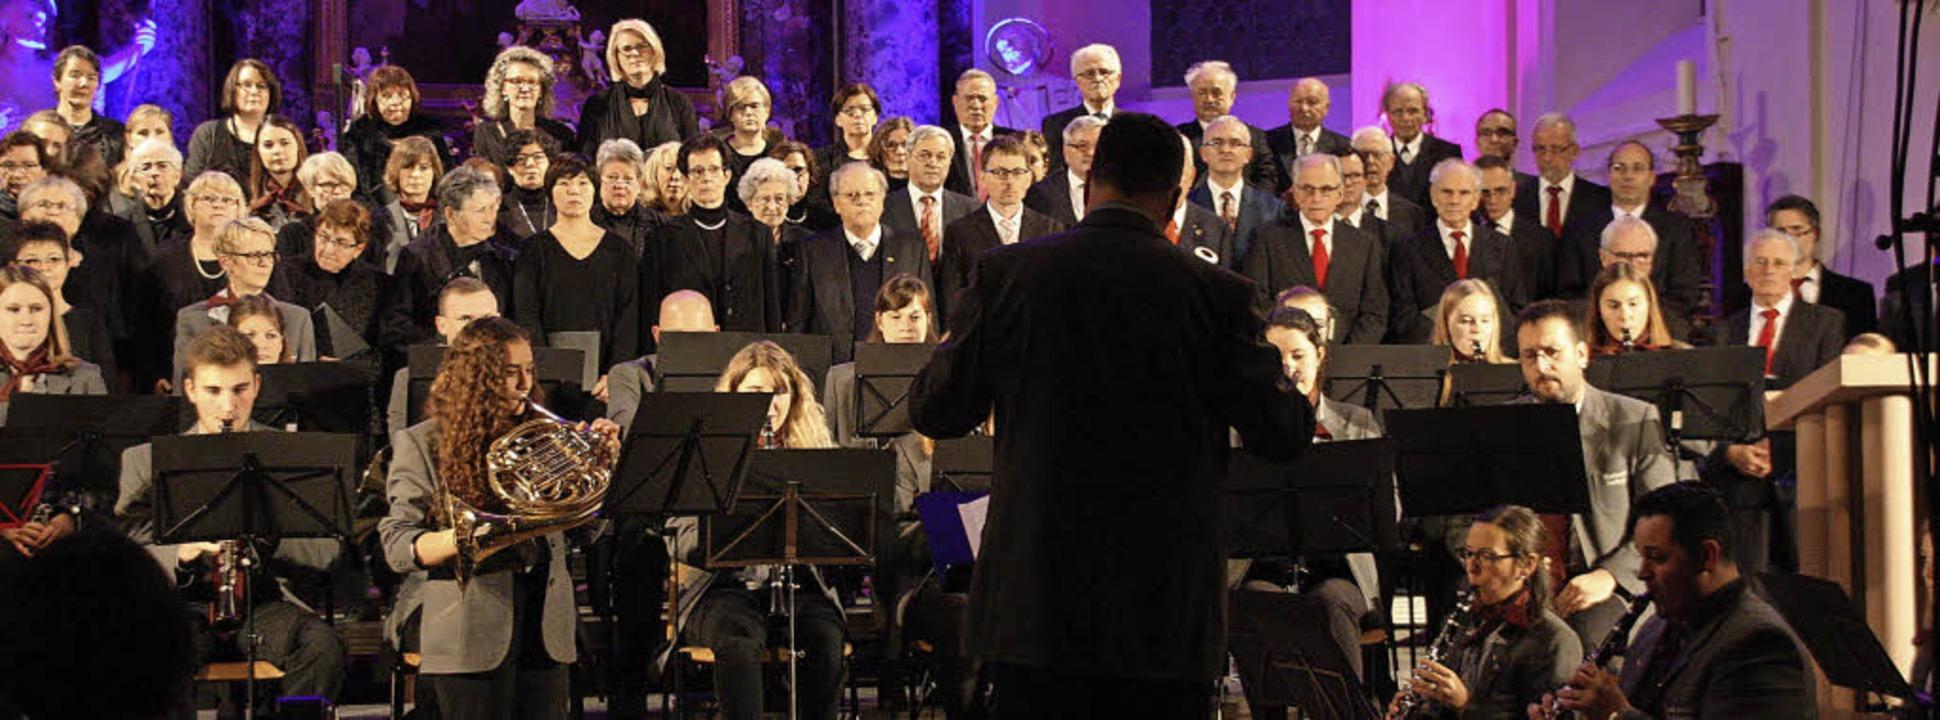 Die Chorvereinigung Amicitia und Musik...(links) übernahm den Solopart am Horn.  | Foto: Christiane Franz